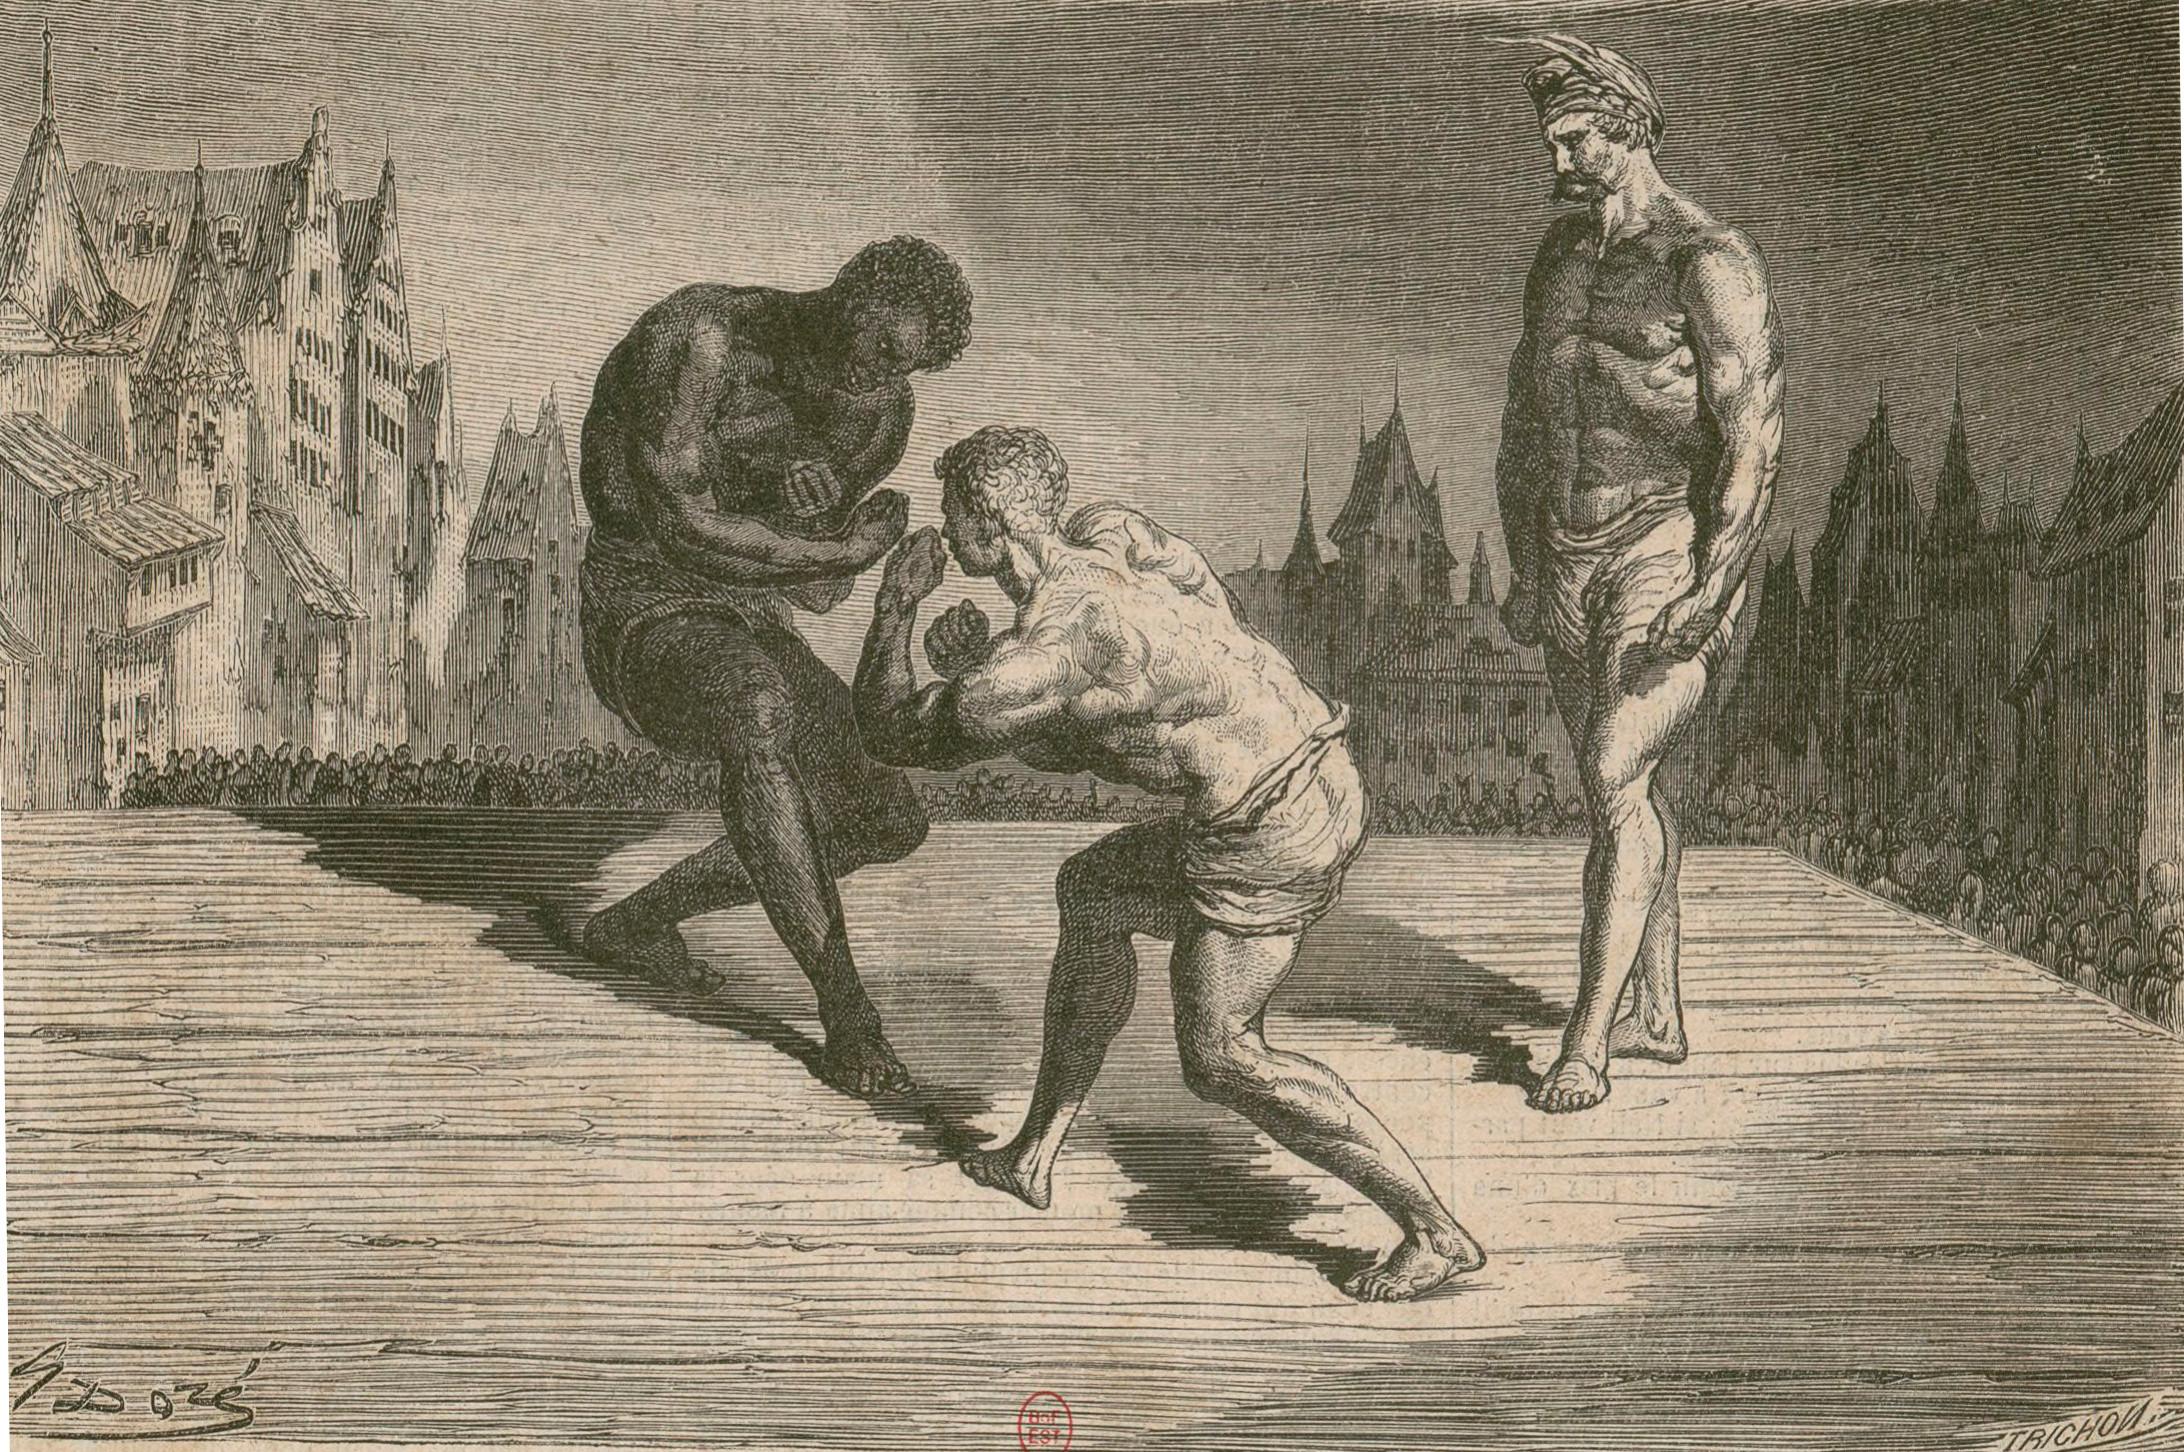 William Carleton – The Dead Boxer, ilustración de Gustave Doré (1855).